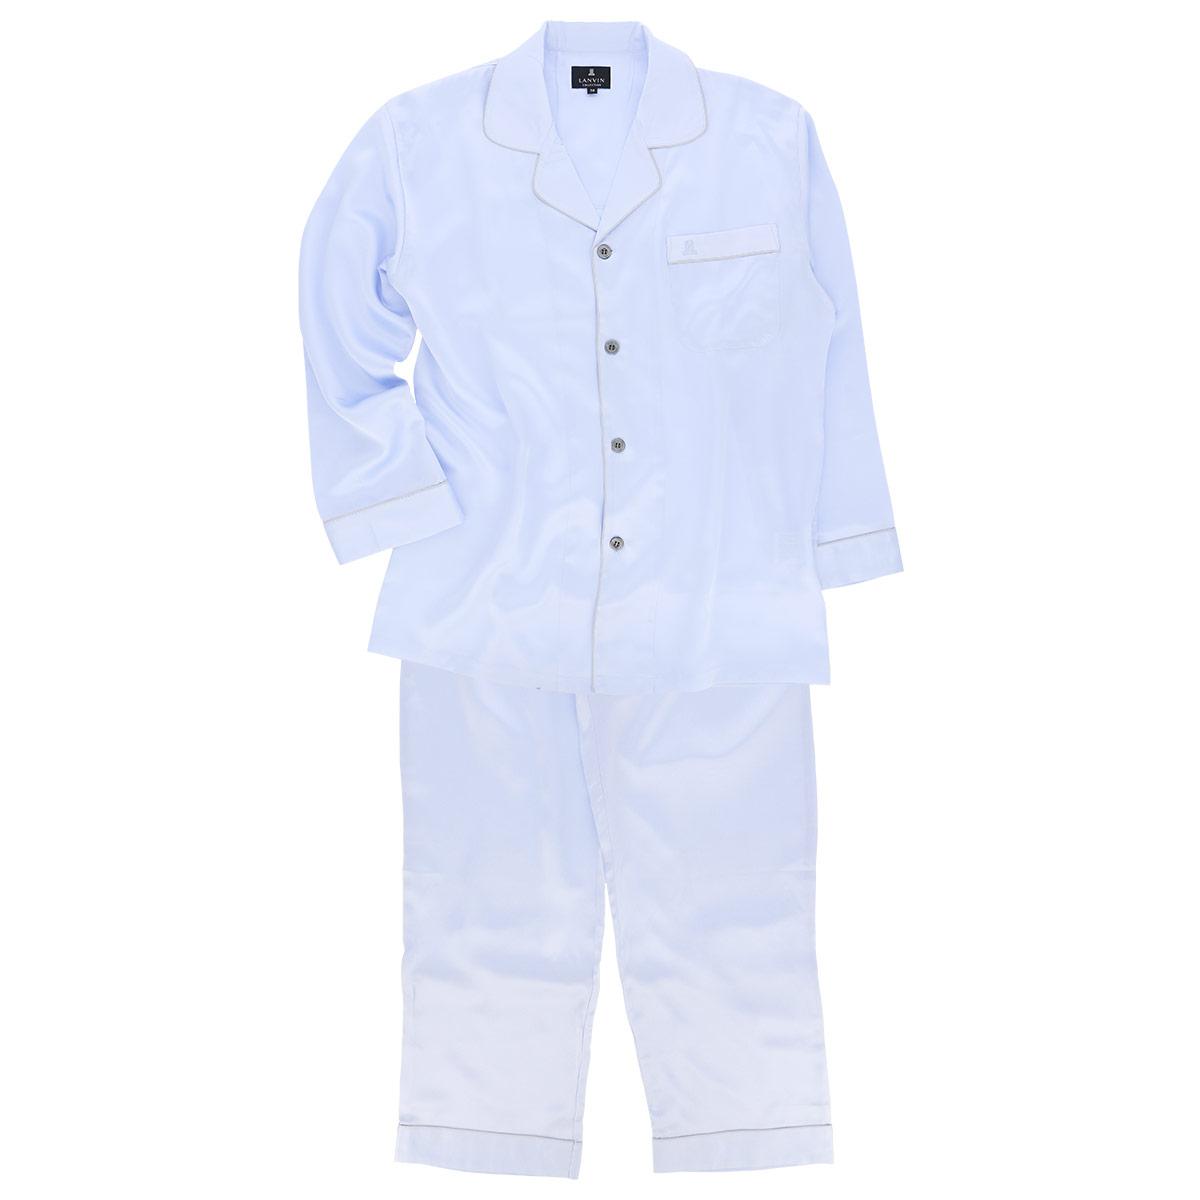 LANVIN COLLECTION ランバン コレクション メンズ パジャマ シルク100% 長袖長丈パンツ Mサイズ 73044366【ゆうパケットお取り扱い不可】